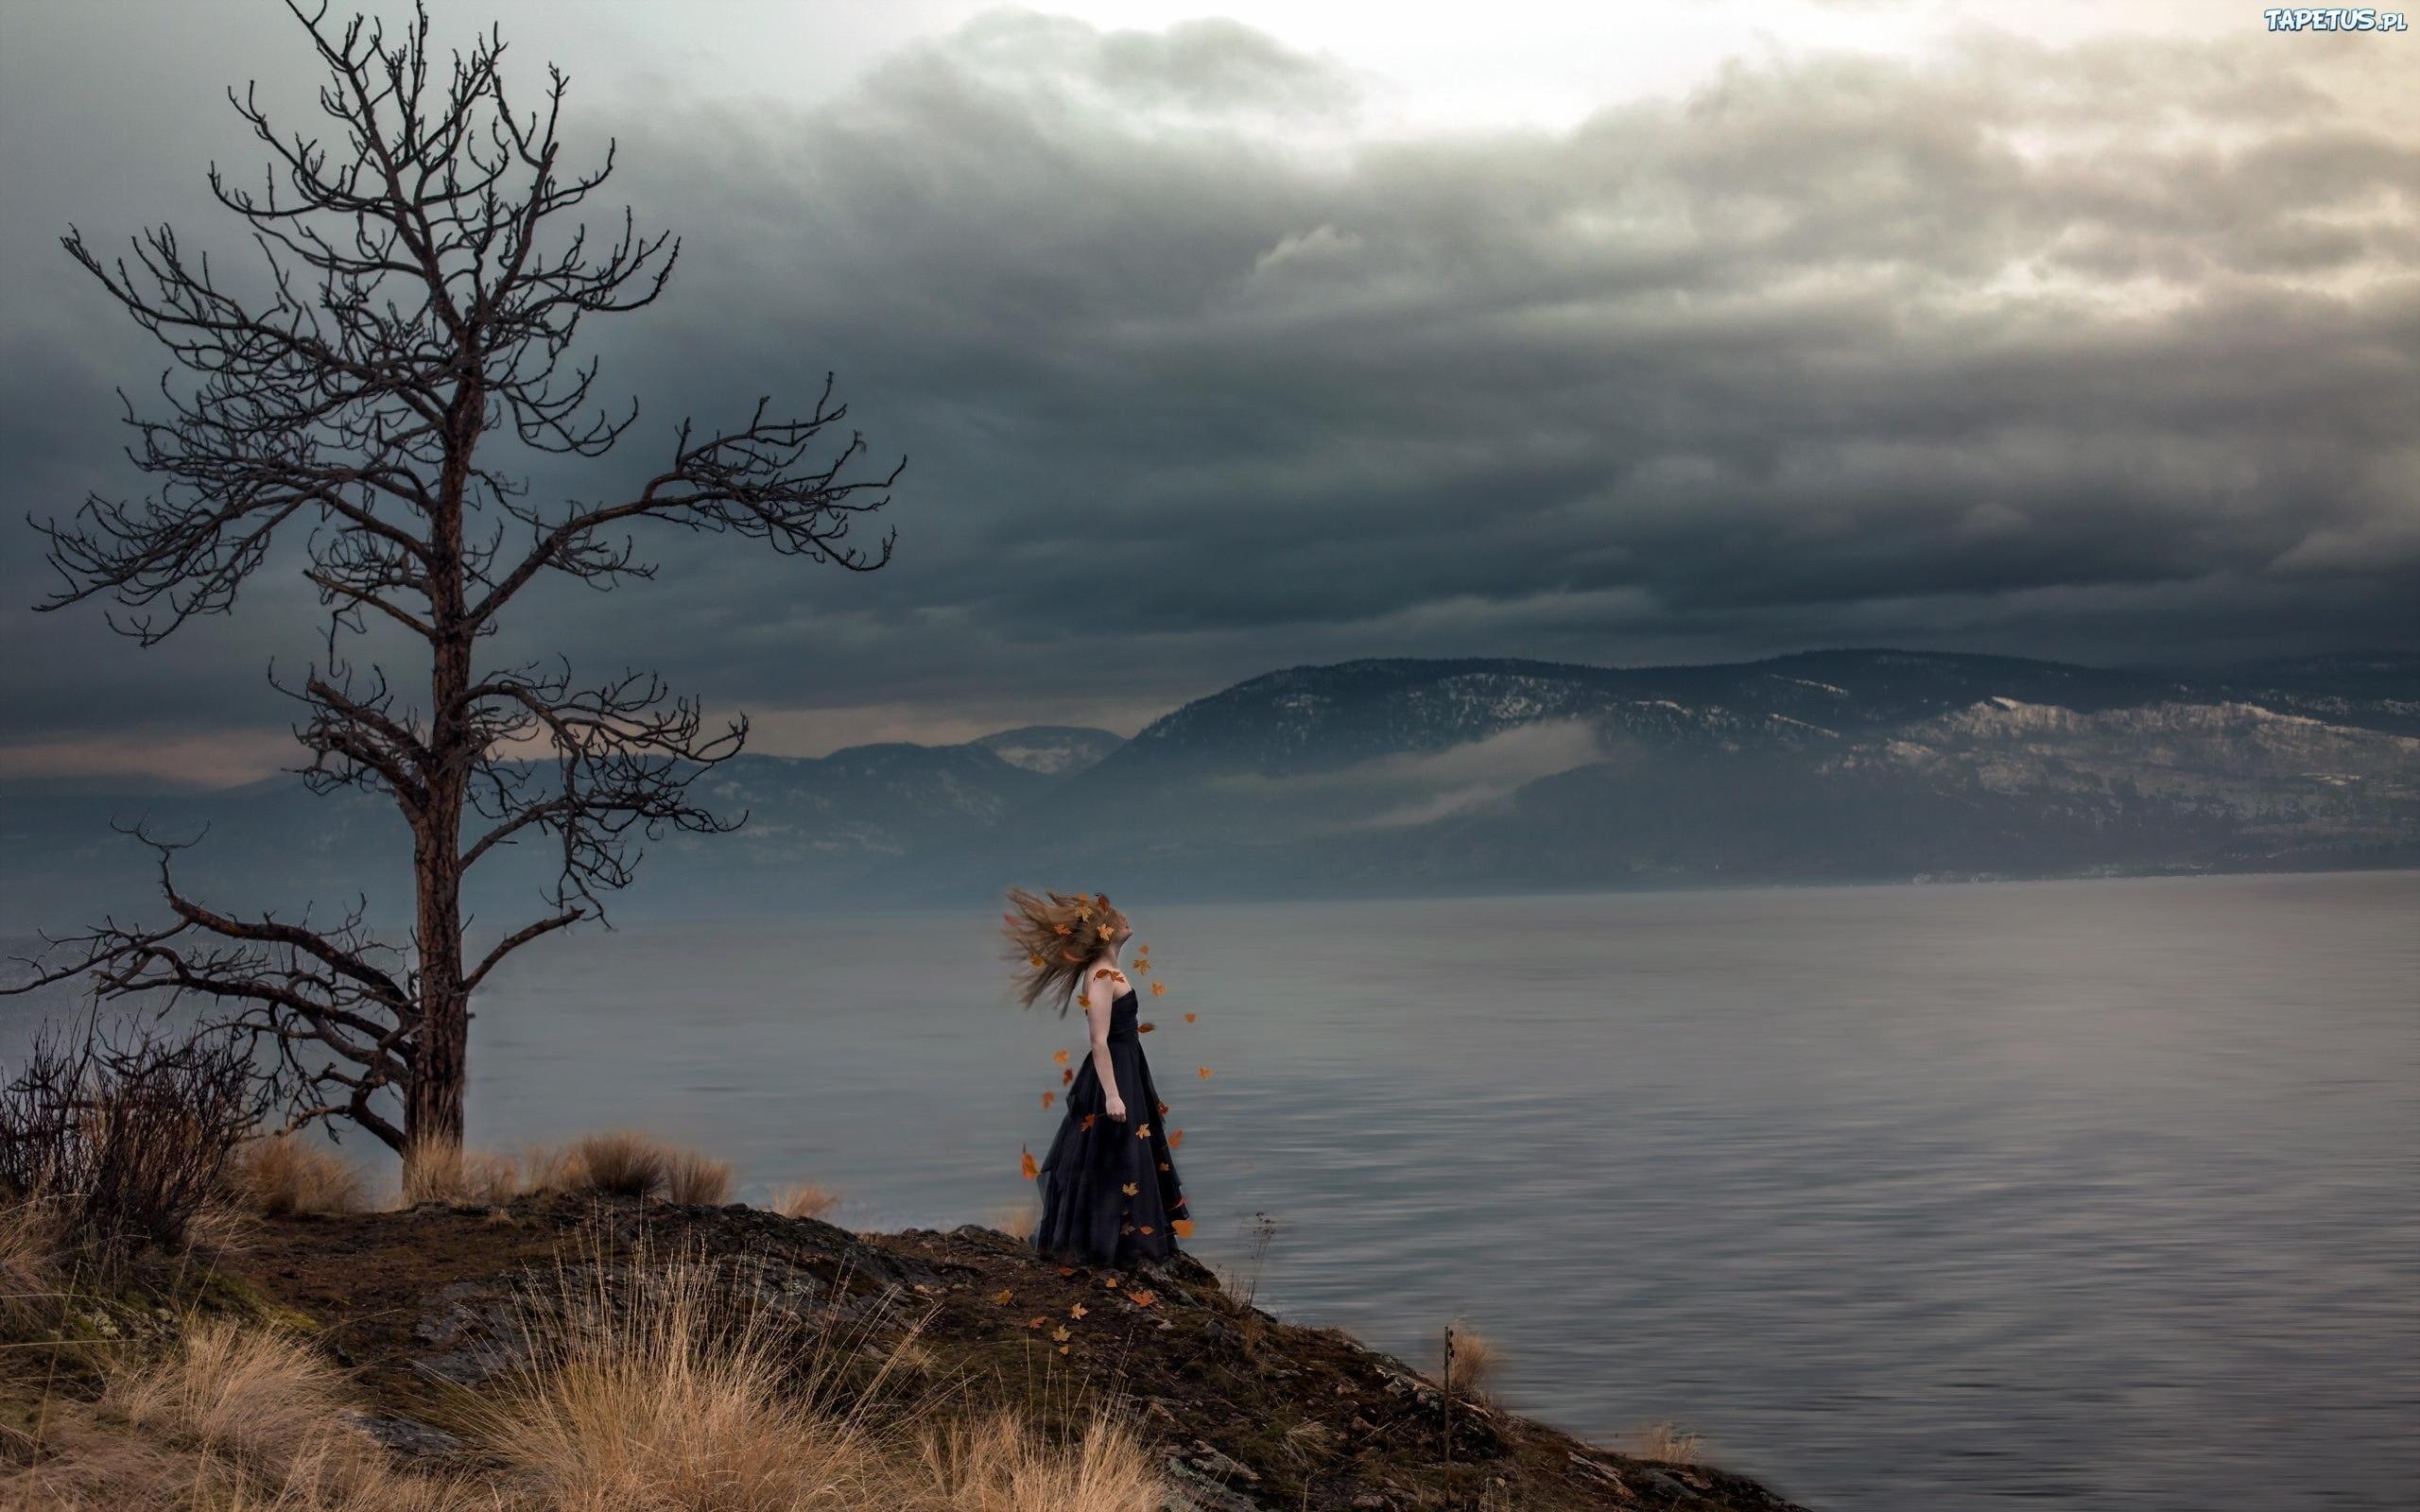 obrazki n 209191 kobieta drzewo jezioro gory ciemne chmury zmrok